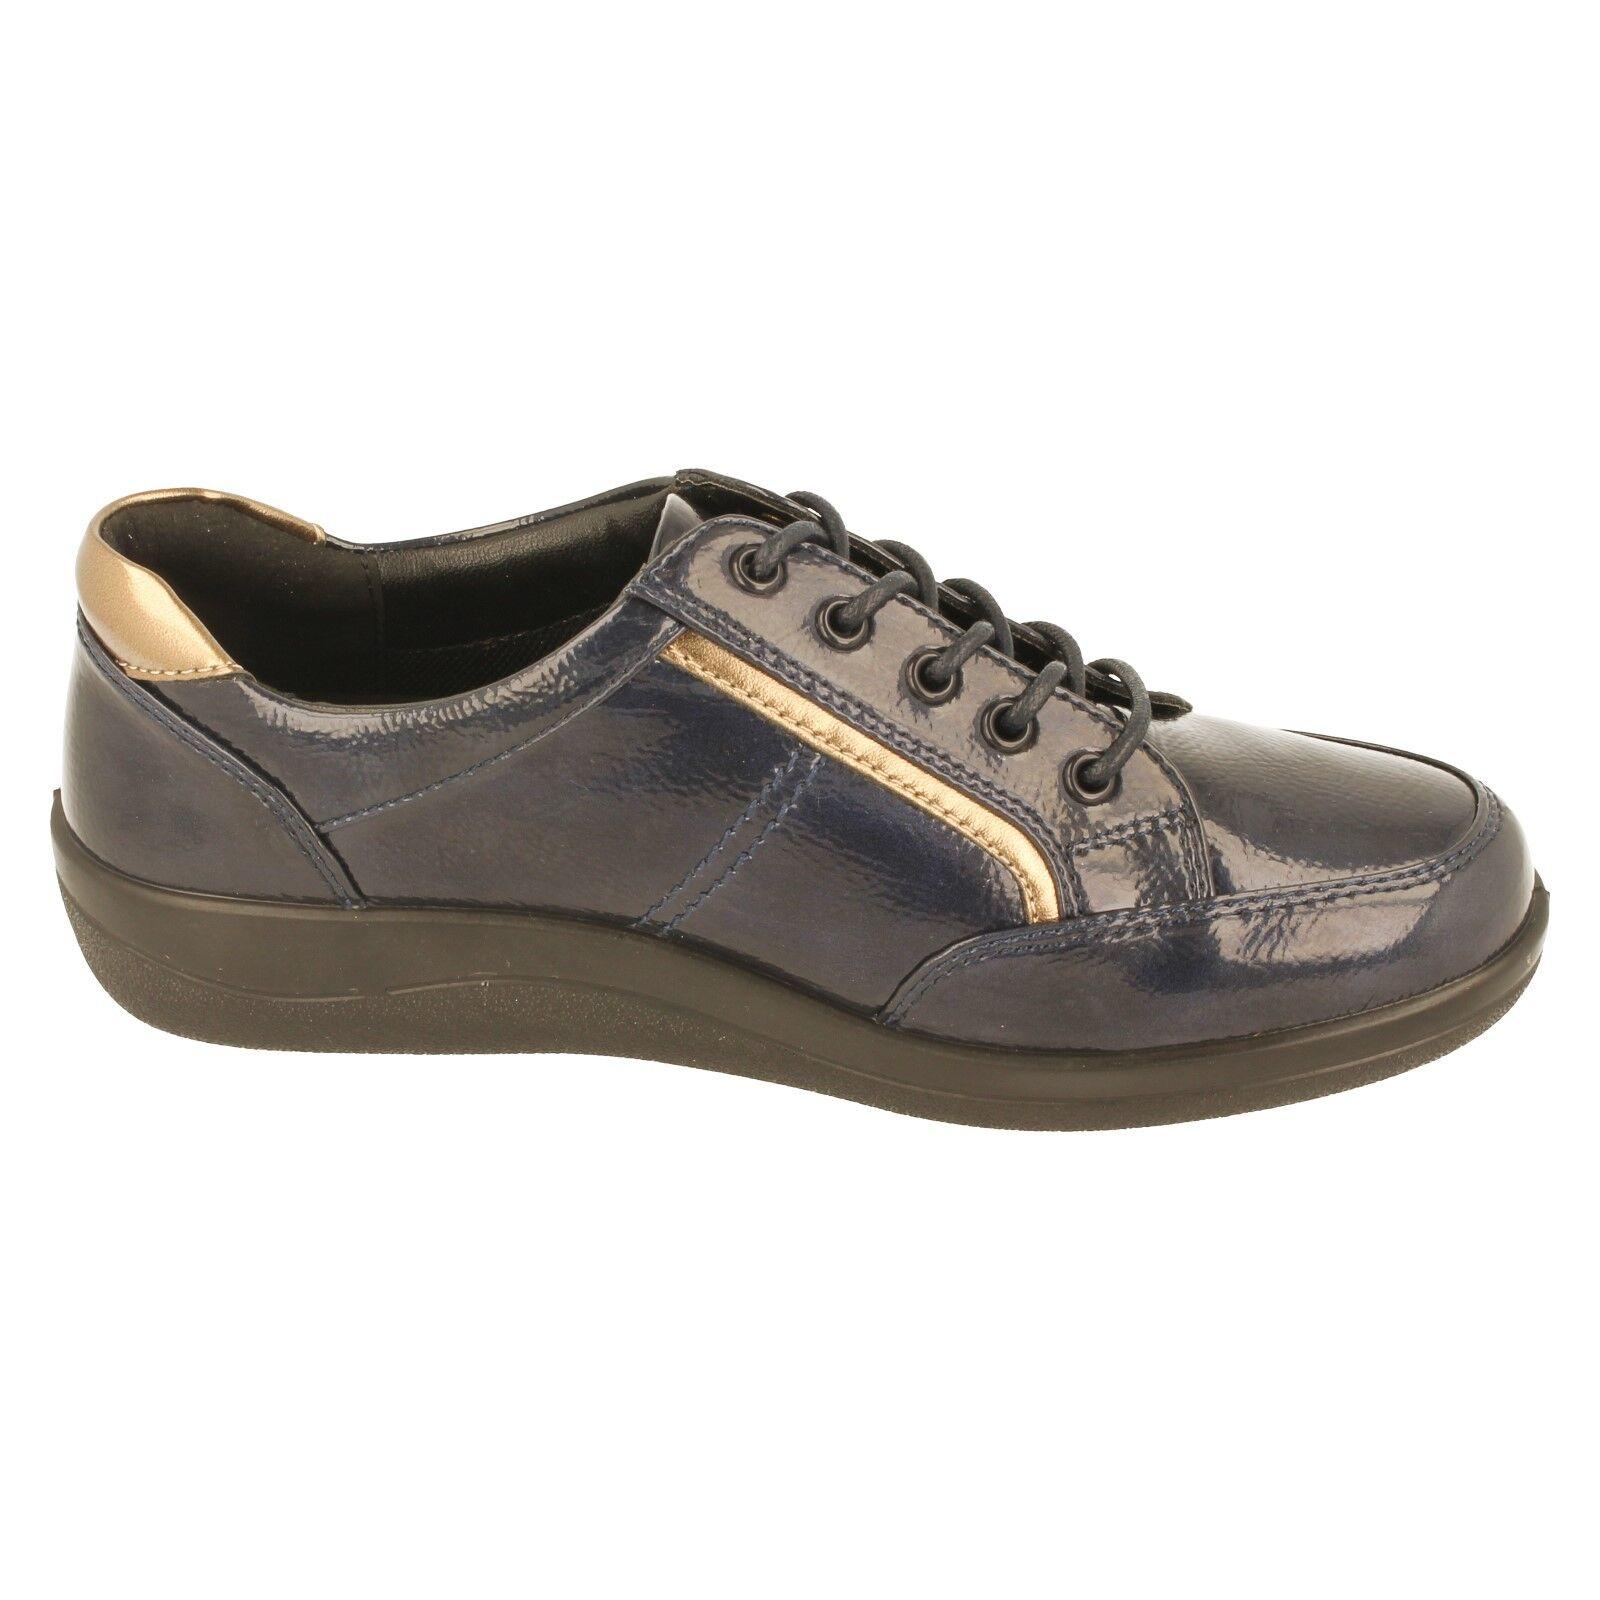 Damen Padders Schnürer Schuhe mit weiter Passform Passform Passform Schuhe - Atom fa06d6